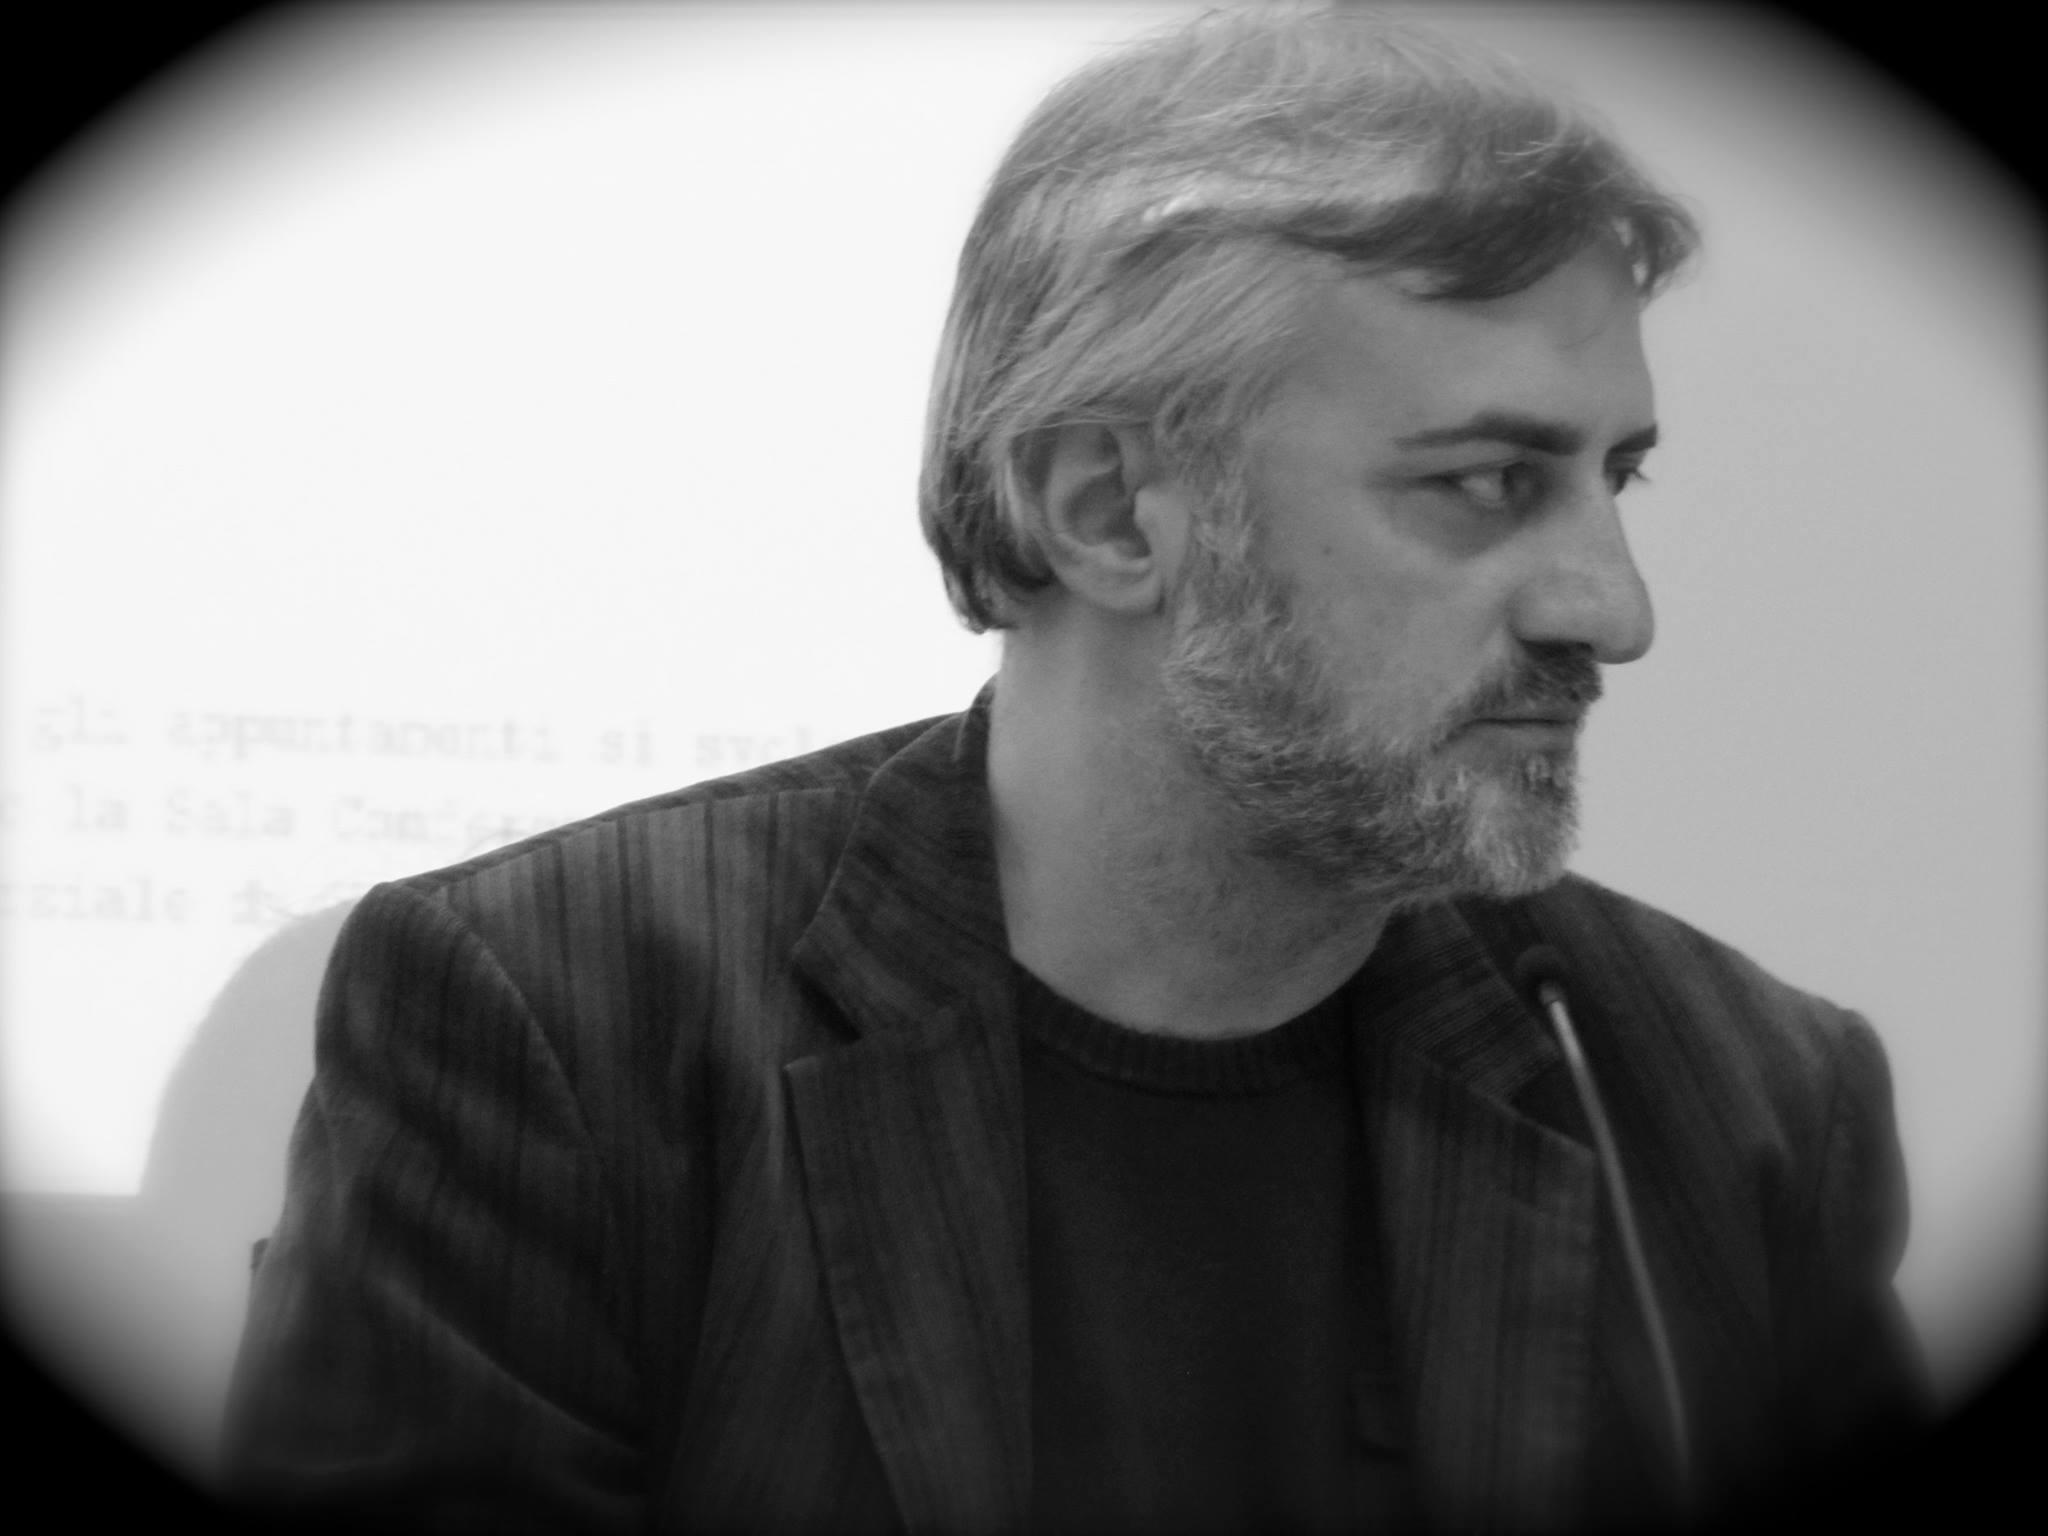 Viterbo, la nota di Pasquale Bottone: Fioroni parla di un pd sbilanciato a sinistra, ma io non vedò nè il partito nè la politica